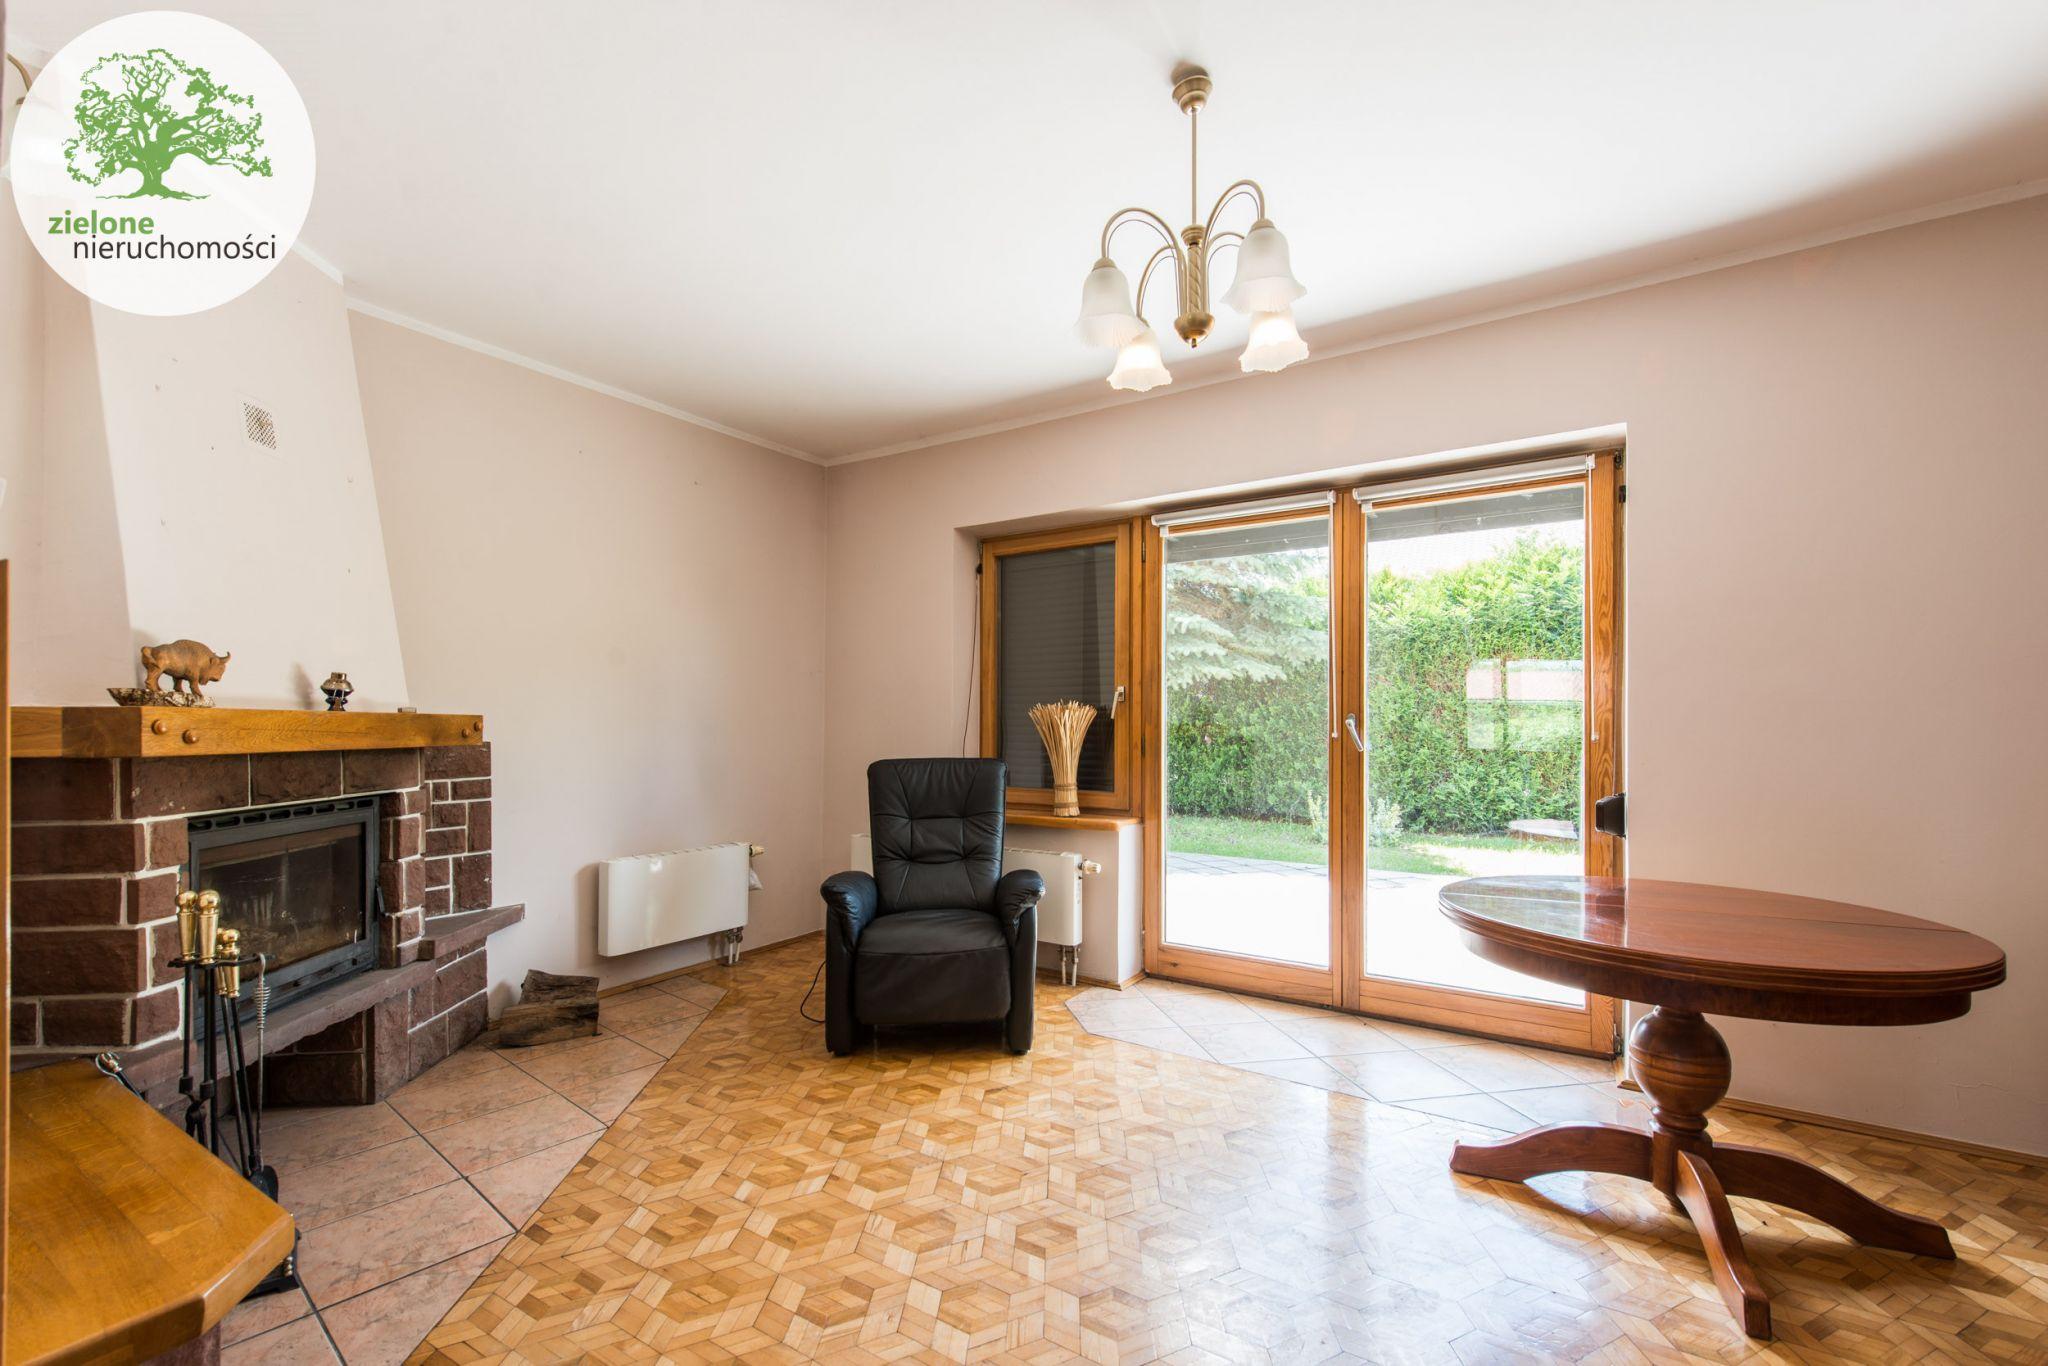 Zdjęcie 312 pokoi, dom dla dużej rodziny lub na firmę